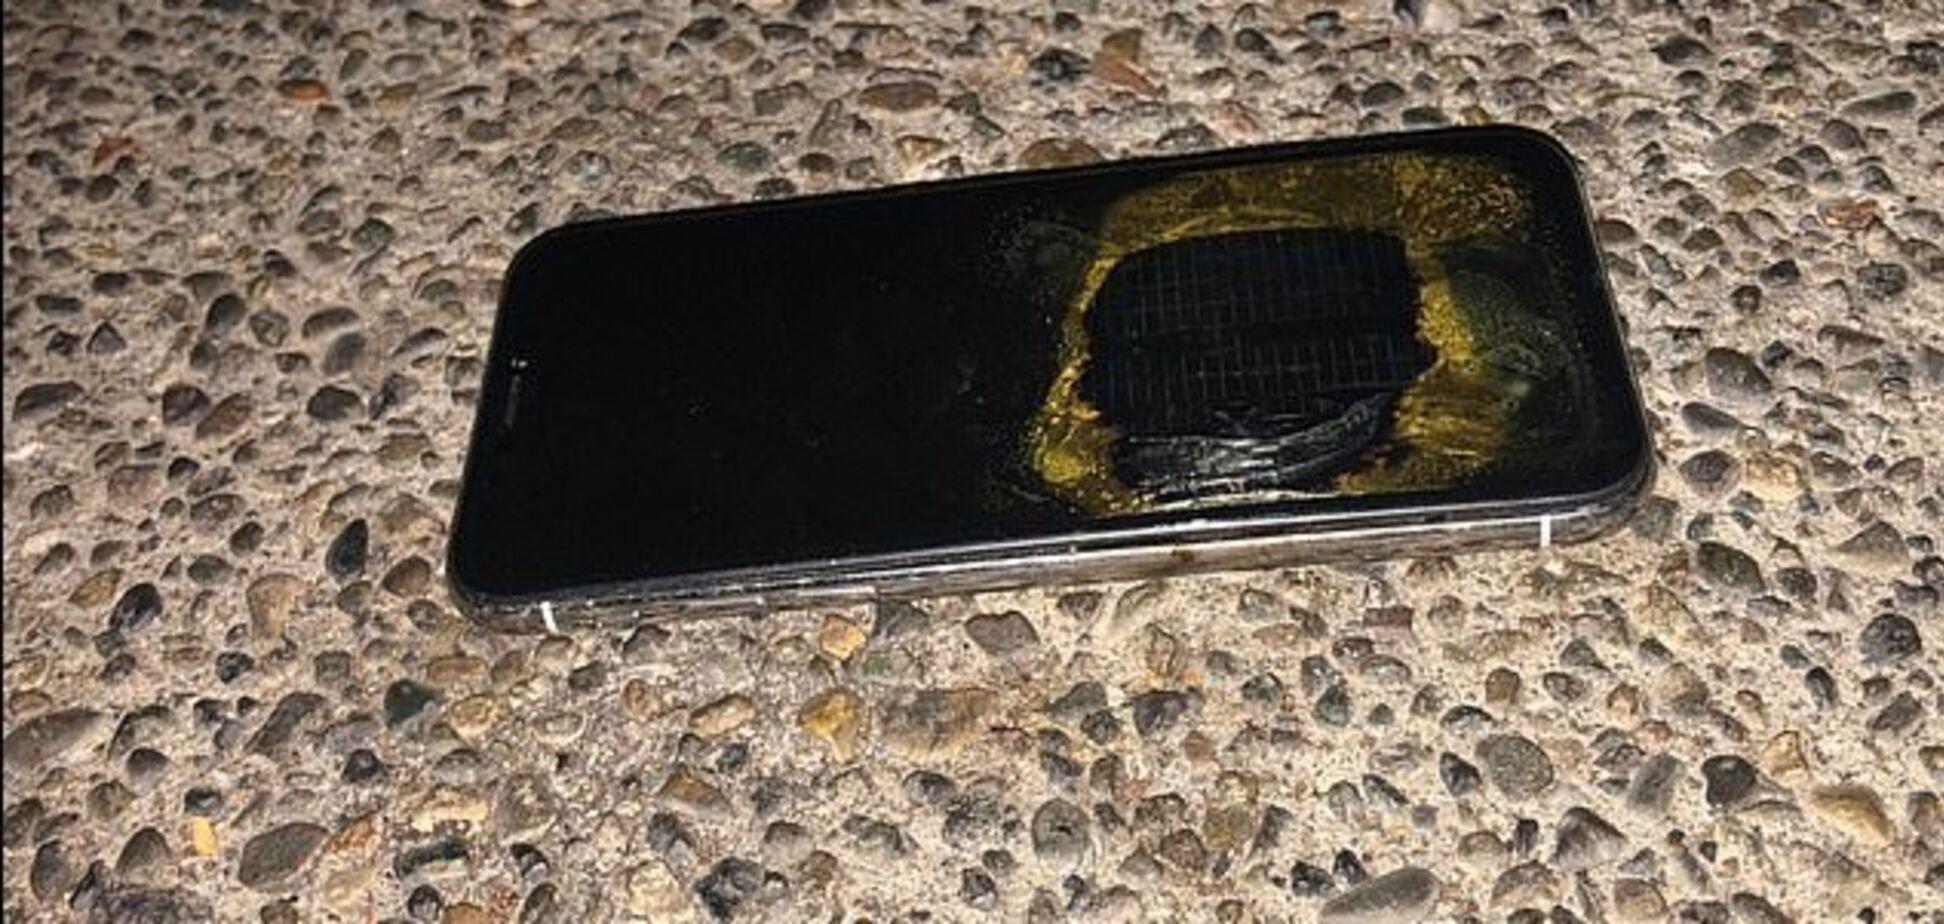 Задымился и взорвался: в США произошел травмоопасный инцидент с iPhone X